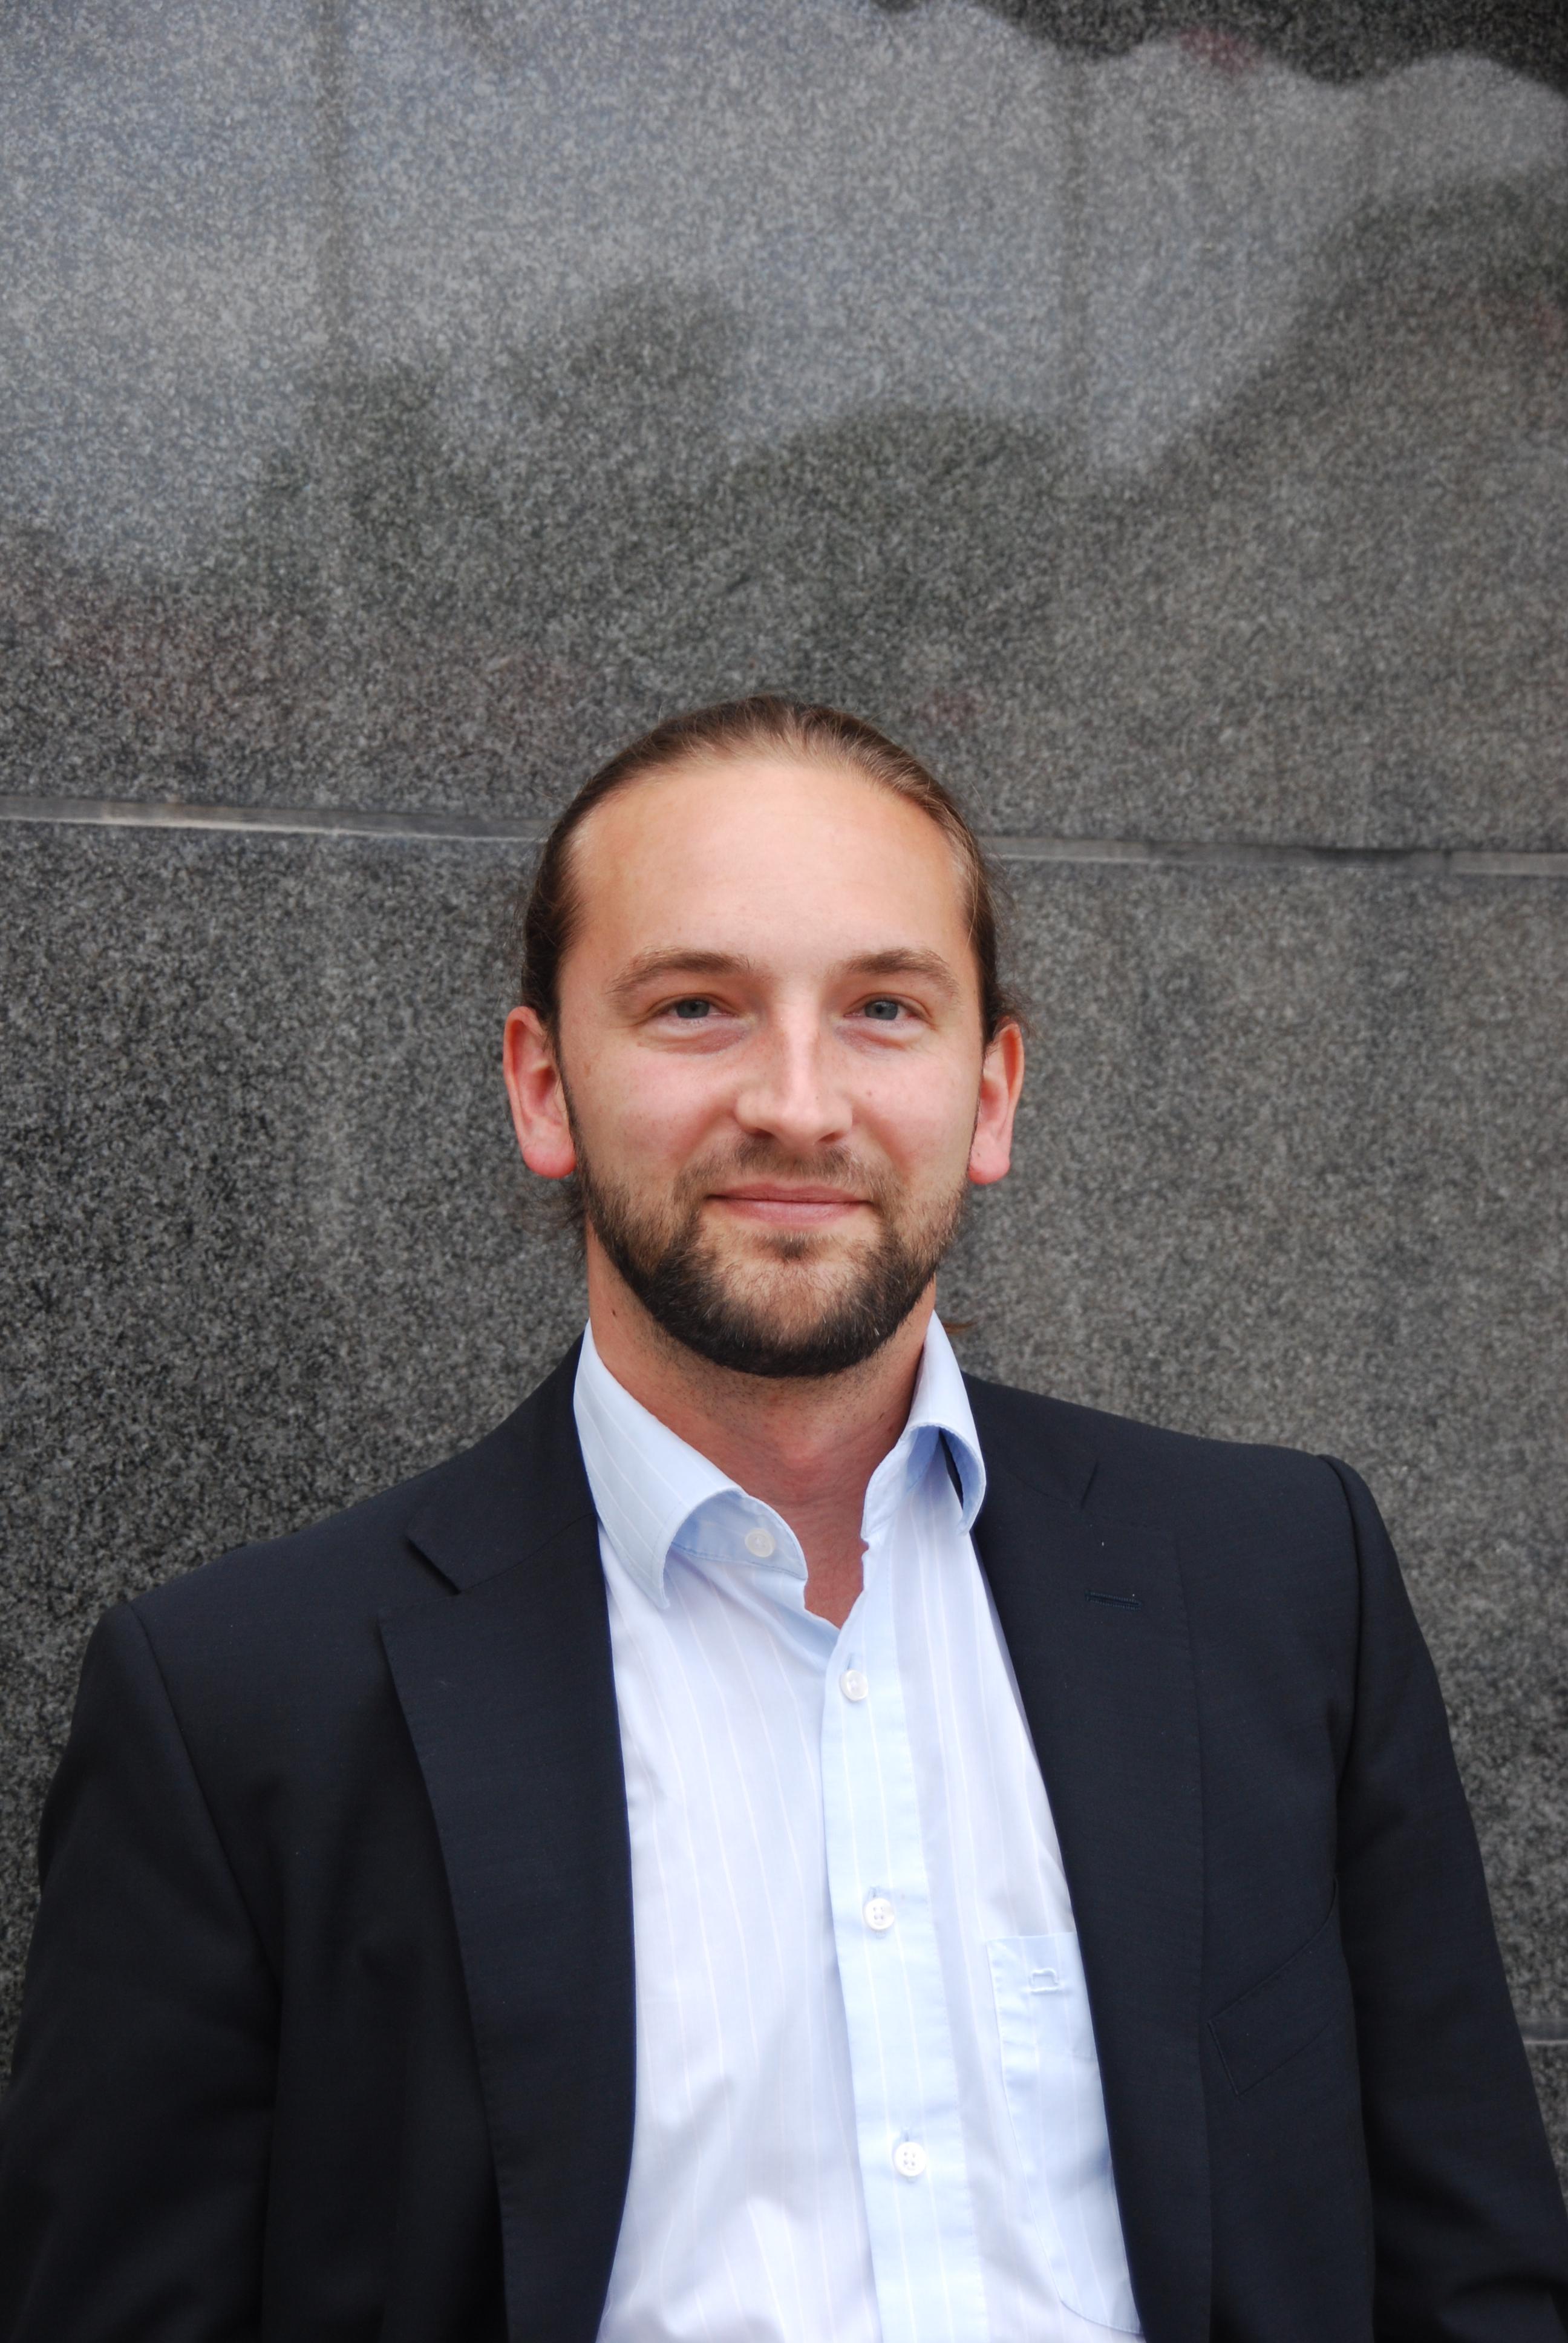 Stephan Schill